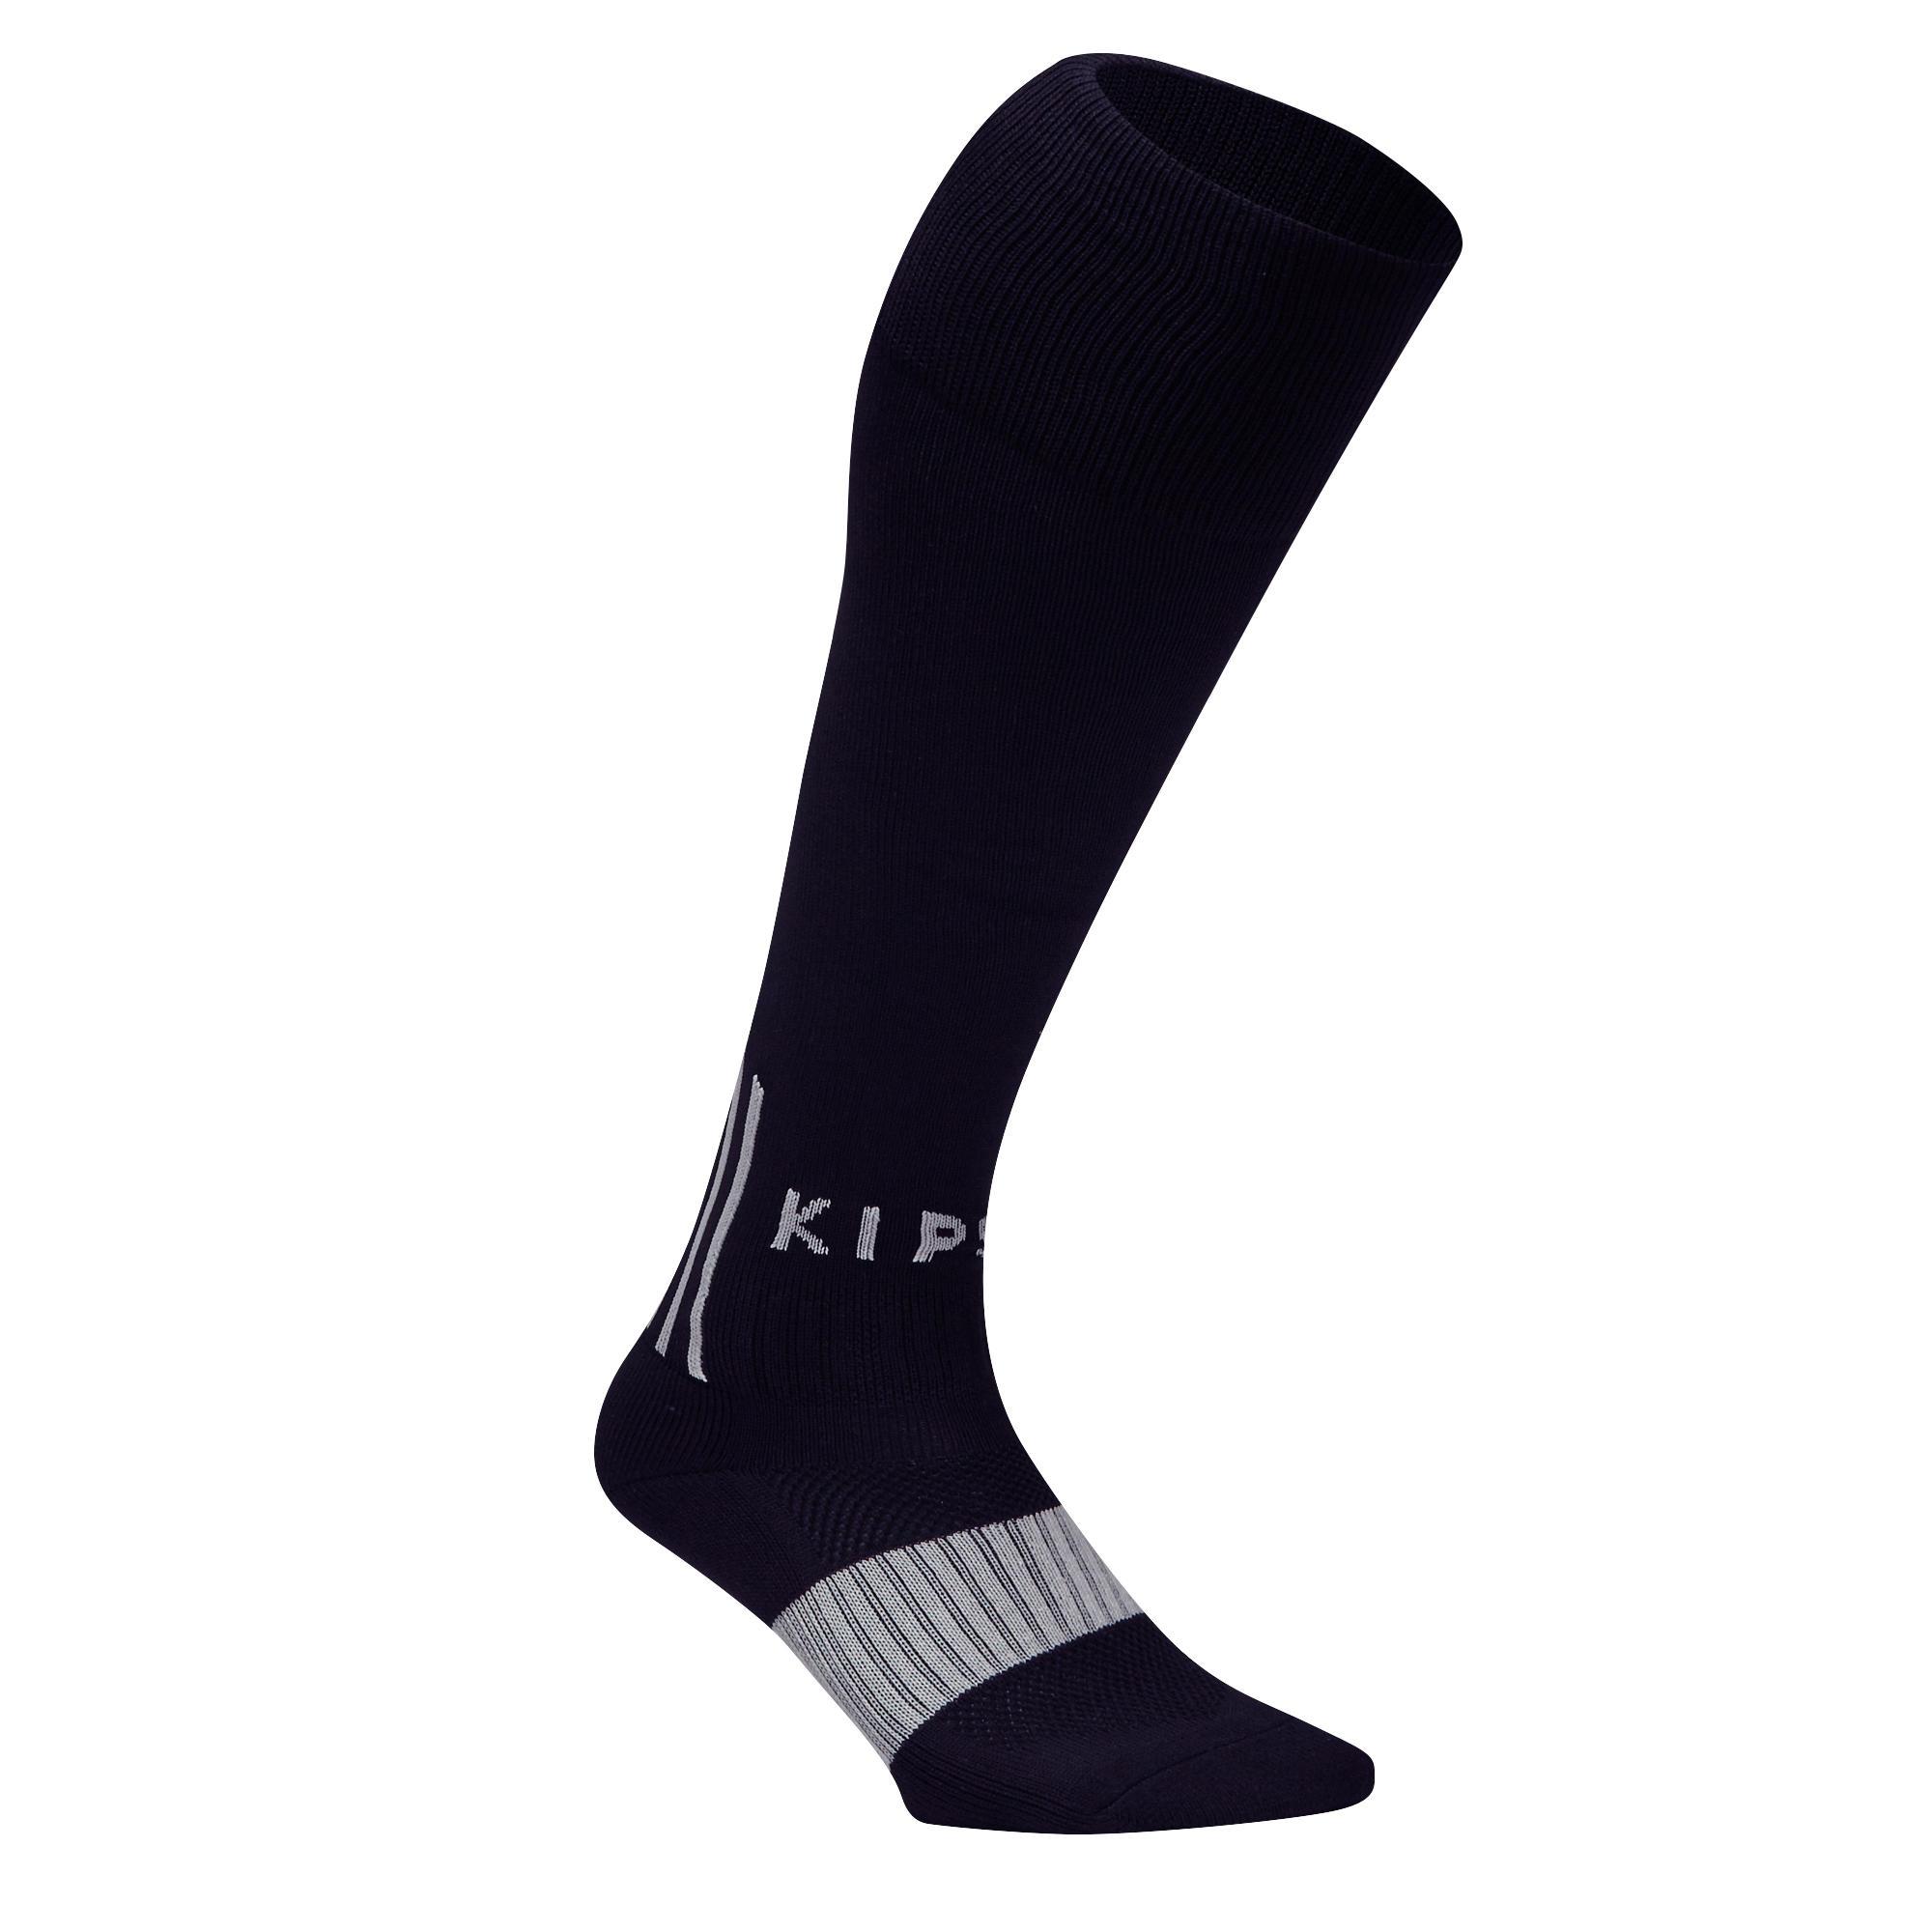 Calcetas largas de fútbol adulto F 500 negro